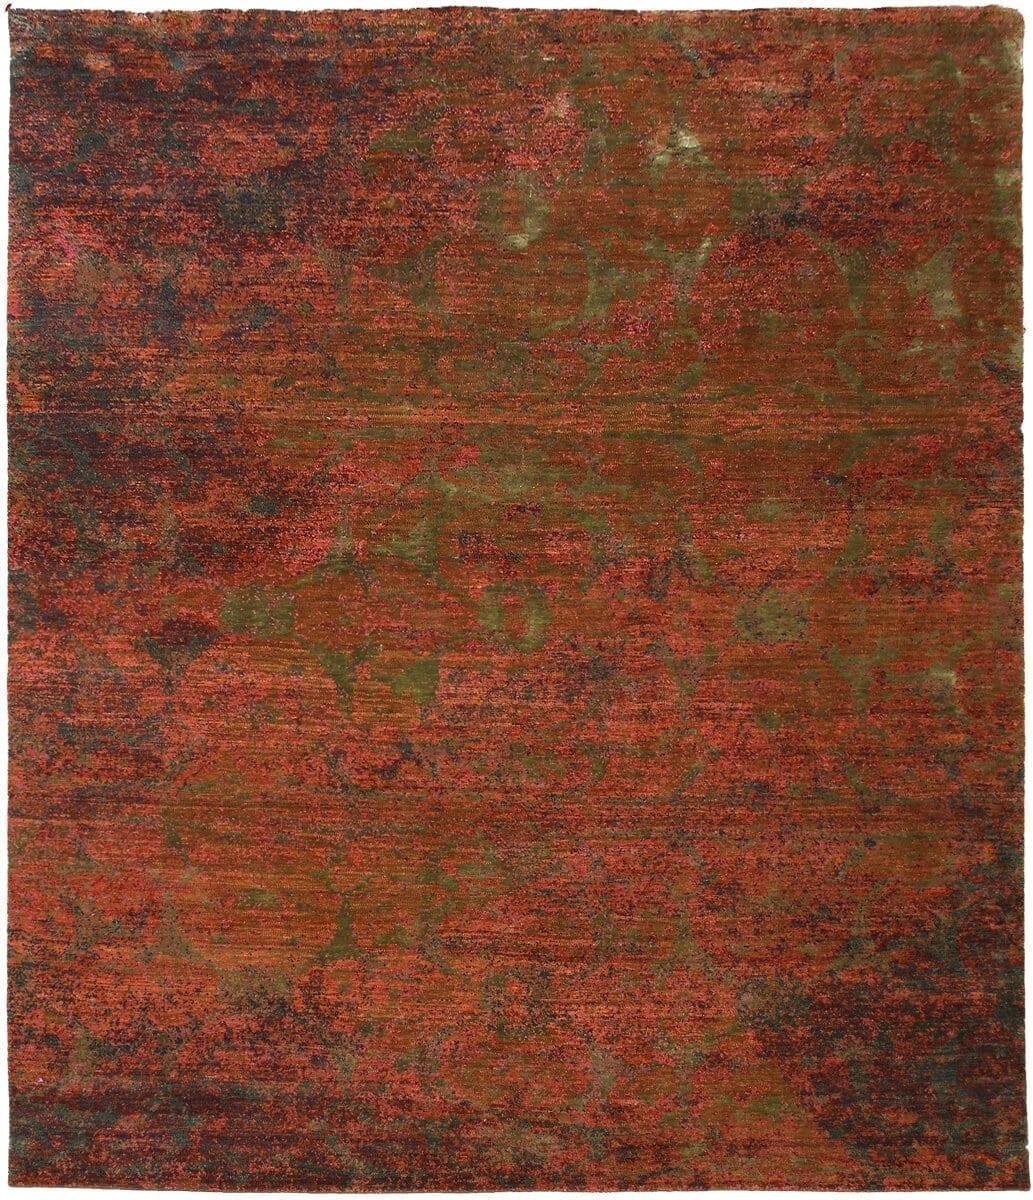 fresco_tapijt_koreman_maastricht_01969_recht